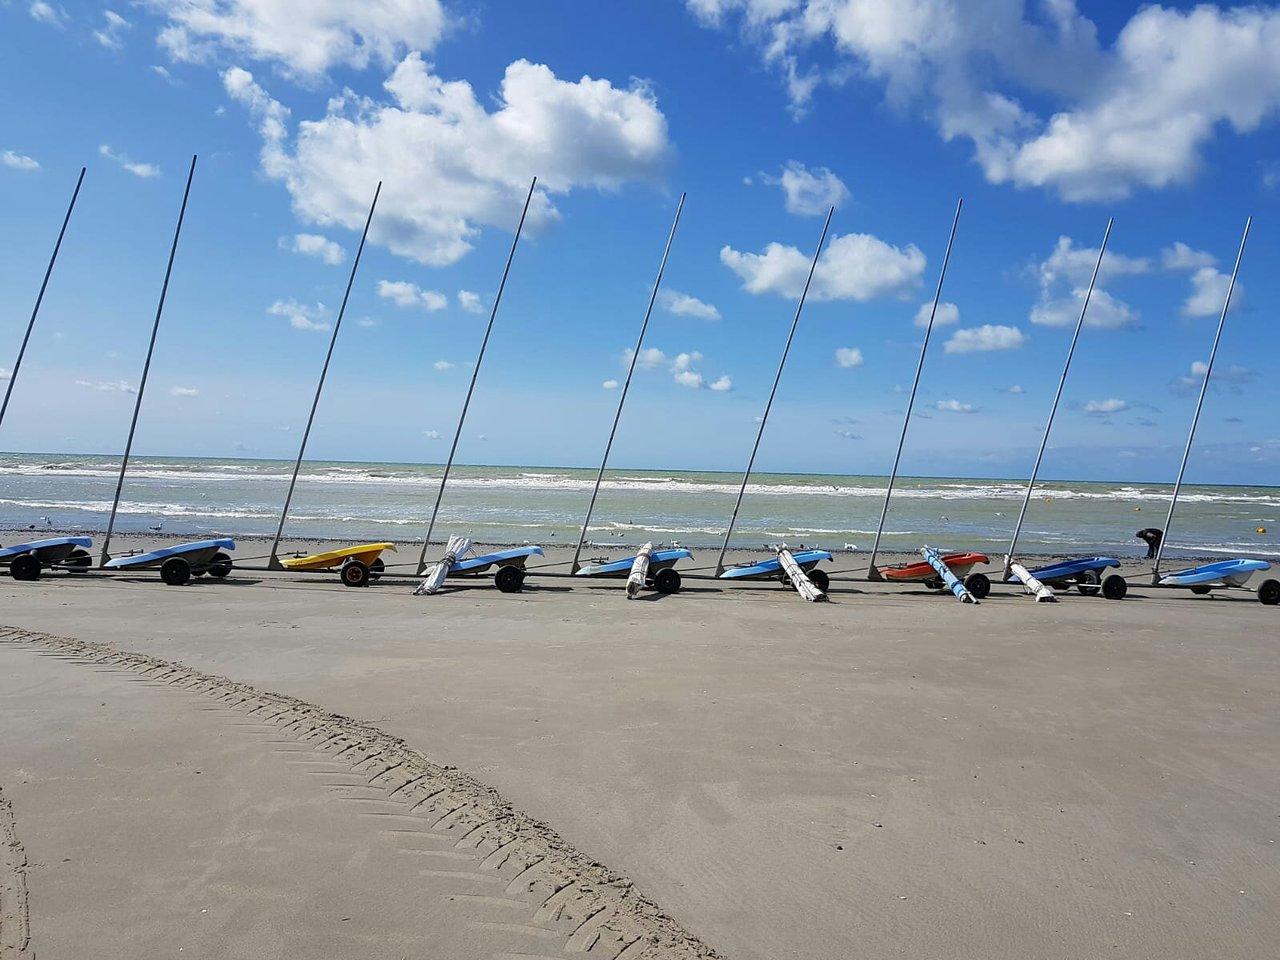 Club Nautique De Nice club de char a voile eolia (fort-mahon-plage) - 2020 all you